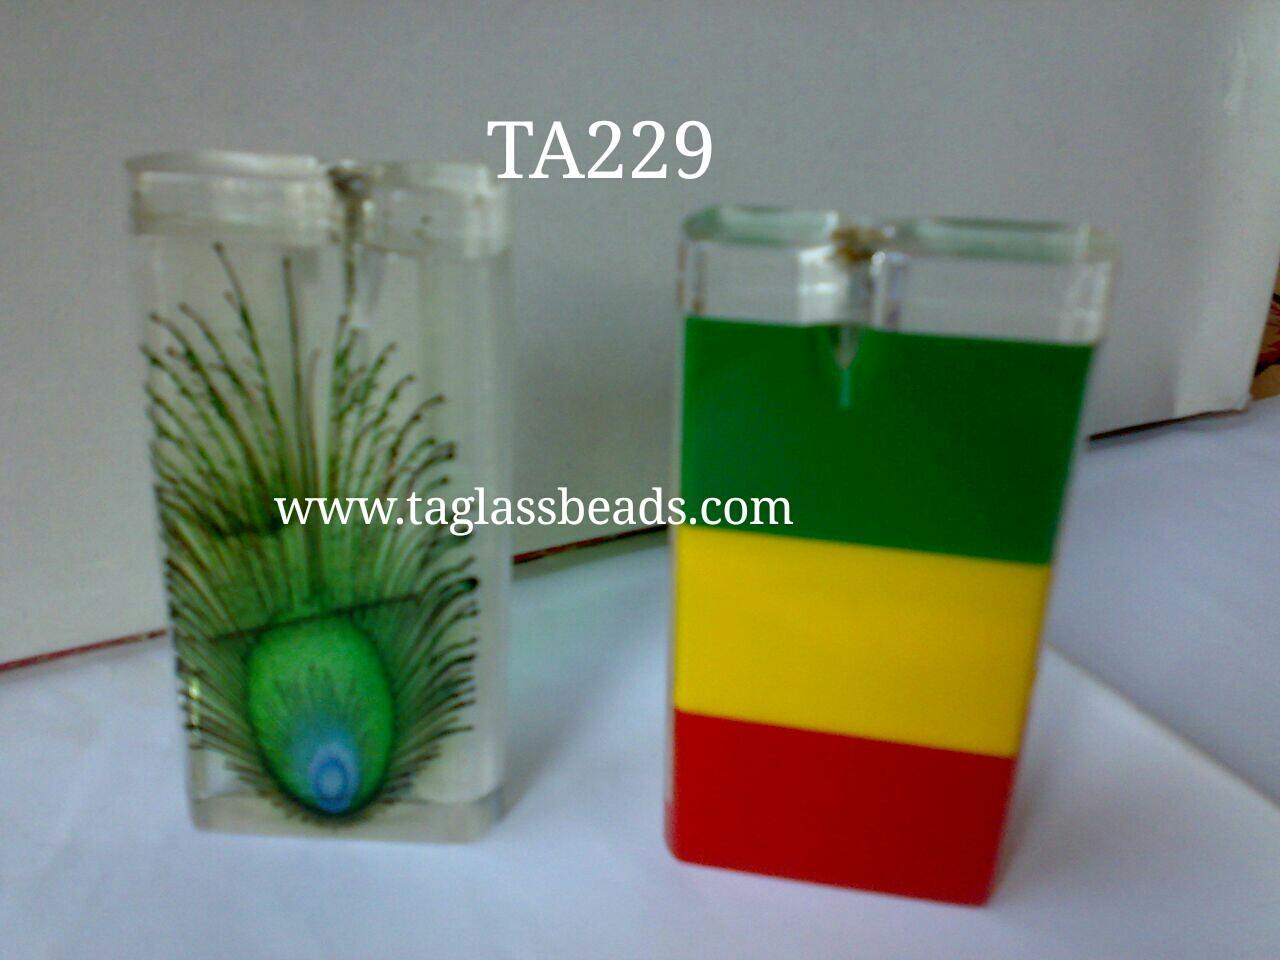 Price US$ 2.25